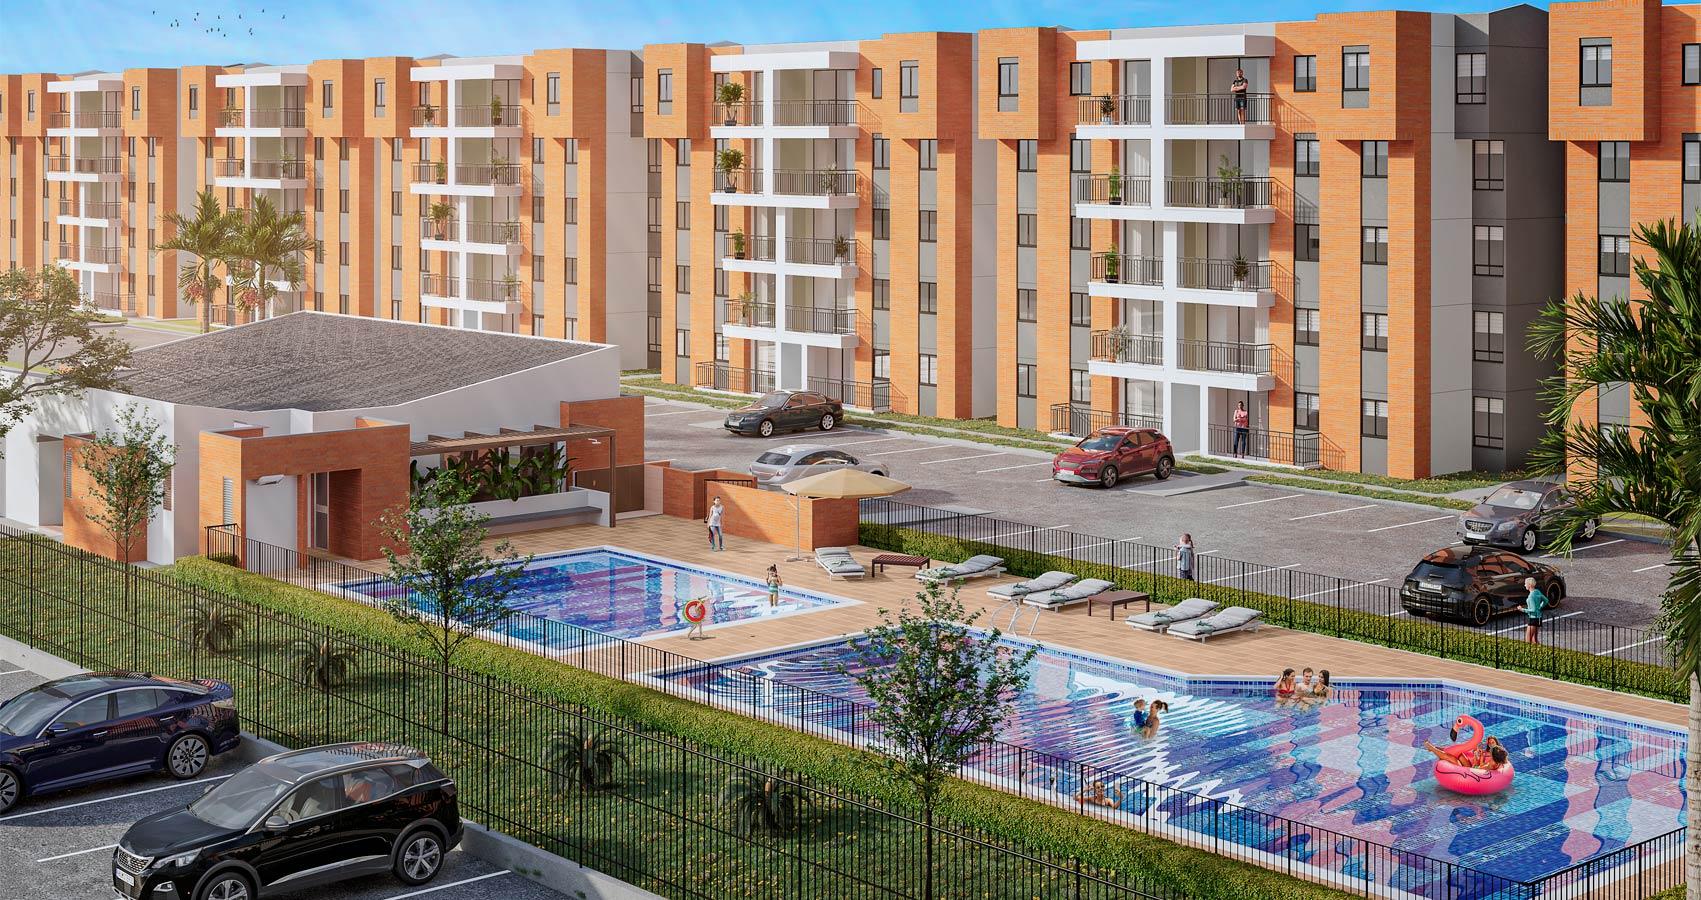 proyecto de apartamentos en cali, con subsidio de vivienda, constructora bolivar